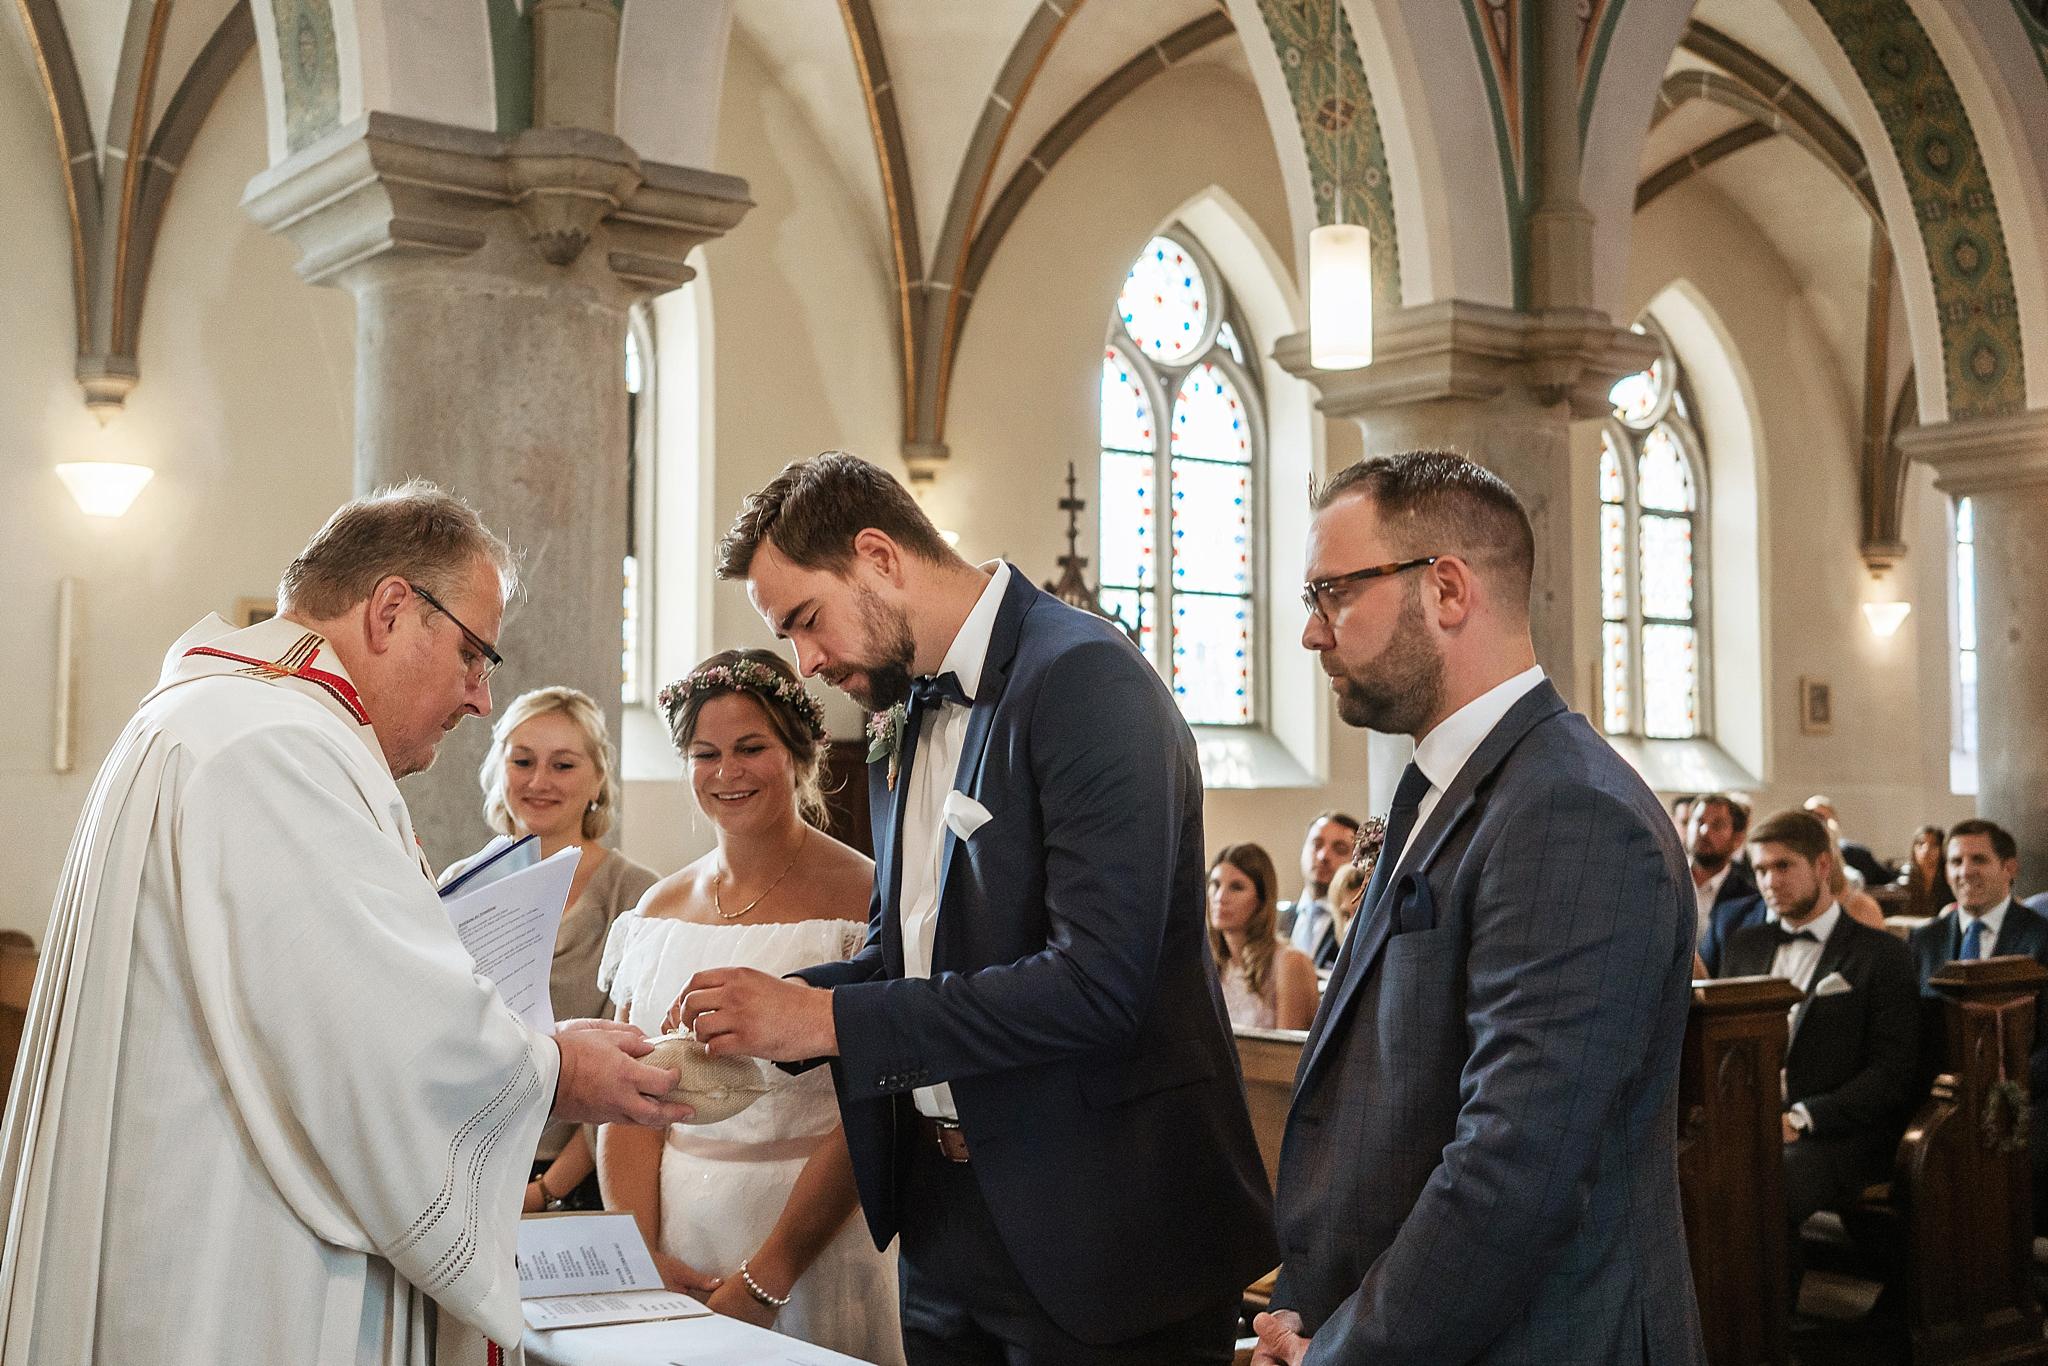 hochzeit viersen köln düsseldorf fotograf wedding photographer germany deutschland holland nierdelände hochzeitsreportage destination netherlands